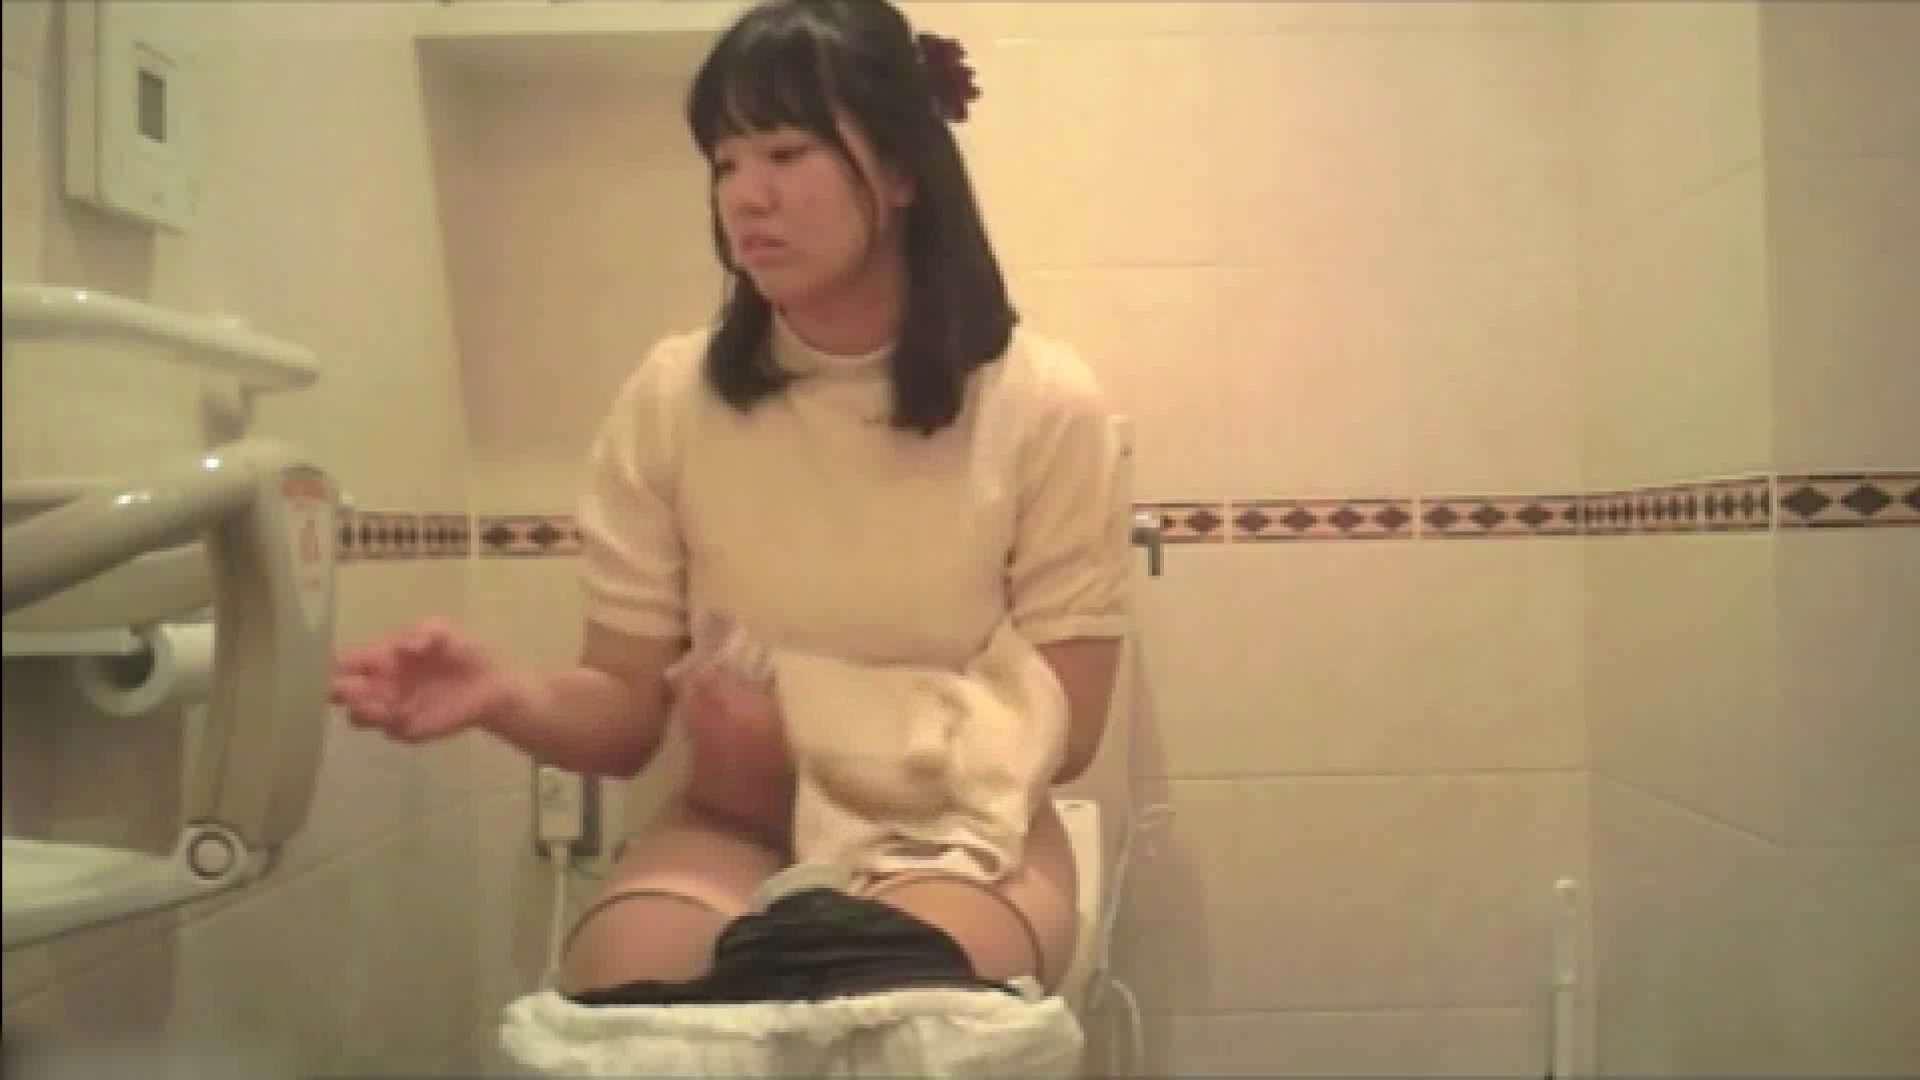 実録!!綺麗なお姉さんのトイレ事情・・・。vol.18 OL  68枚 18